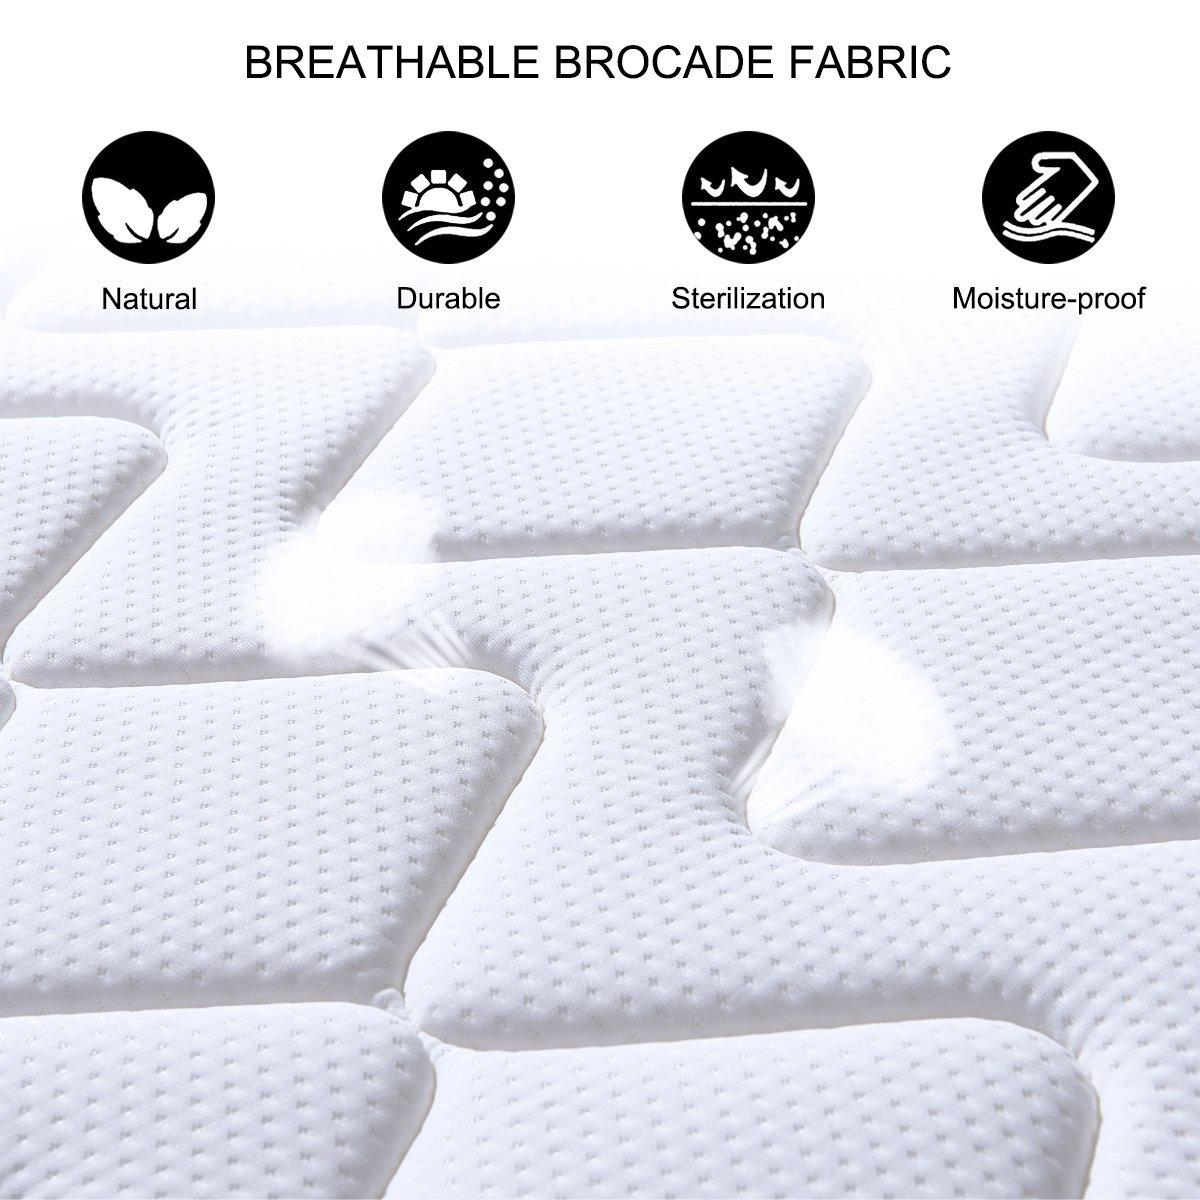 Colchón Viscoelástico DOSLEEPS - Colchón memory foam transpirable 3D El mejor colchón para el descanso 4FT Double (135 x 190cm) Camade 9 zonas con colchón ...